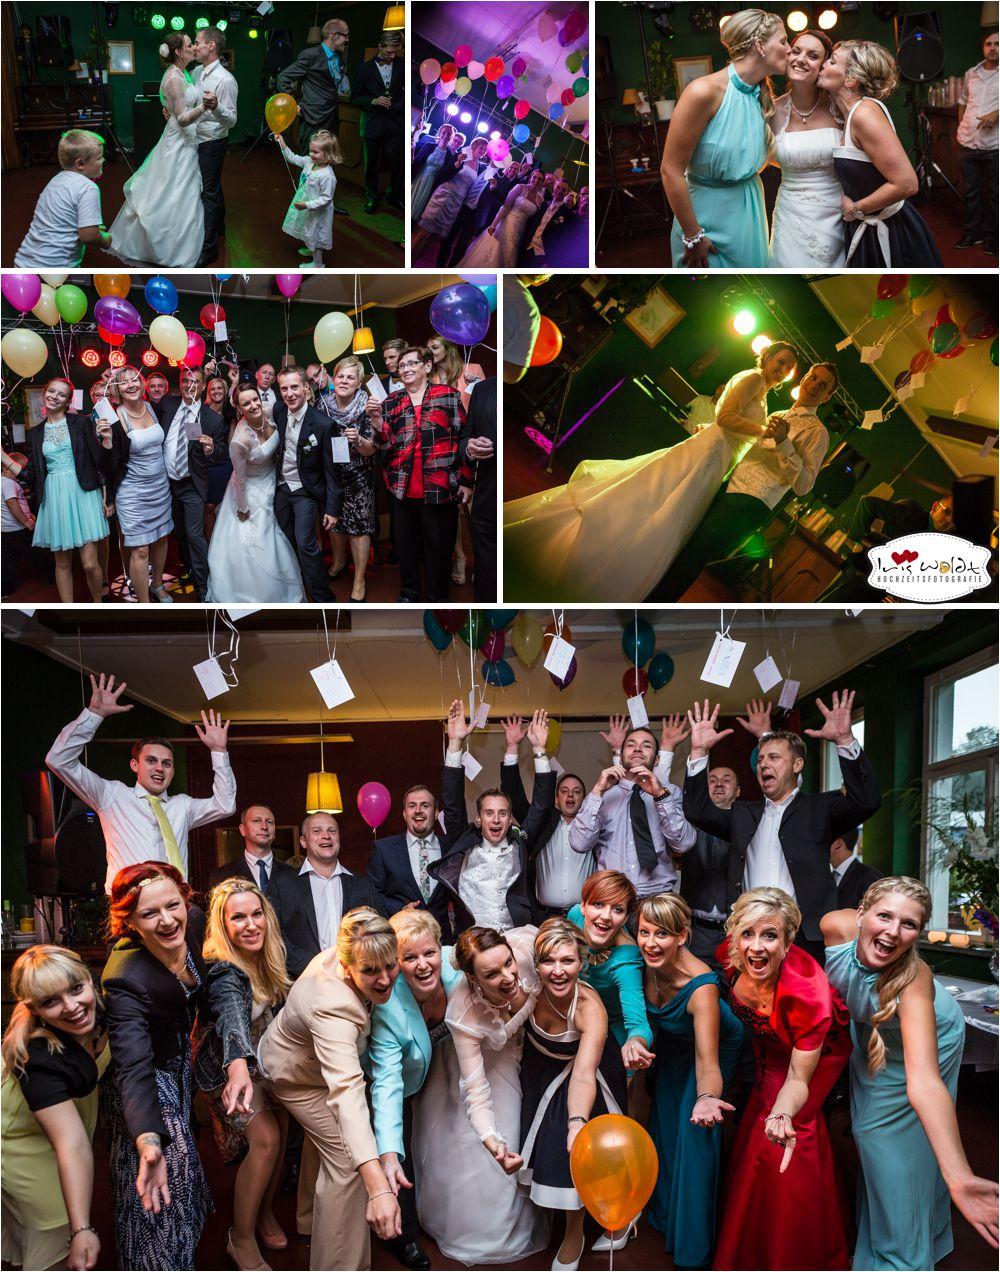 Bikowsee_Hochzeitsfeier_Hochzeit